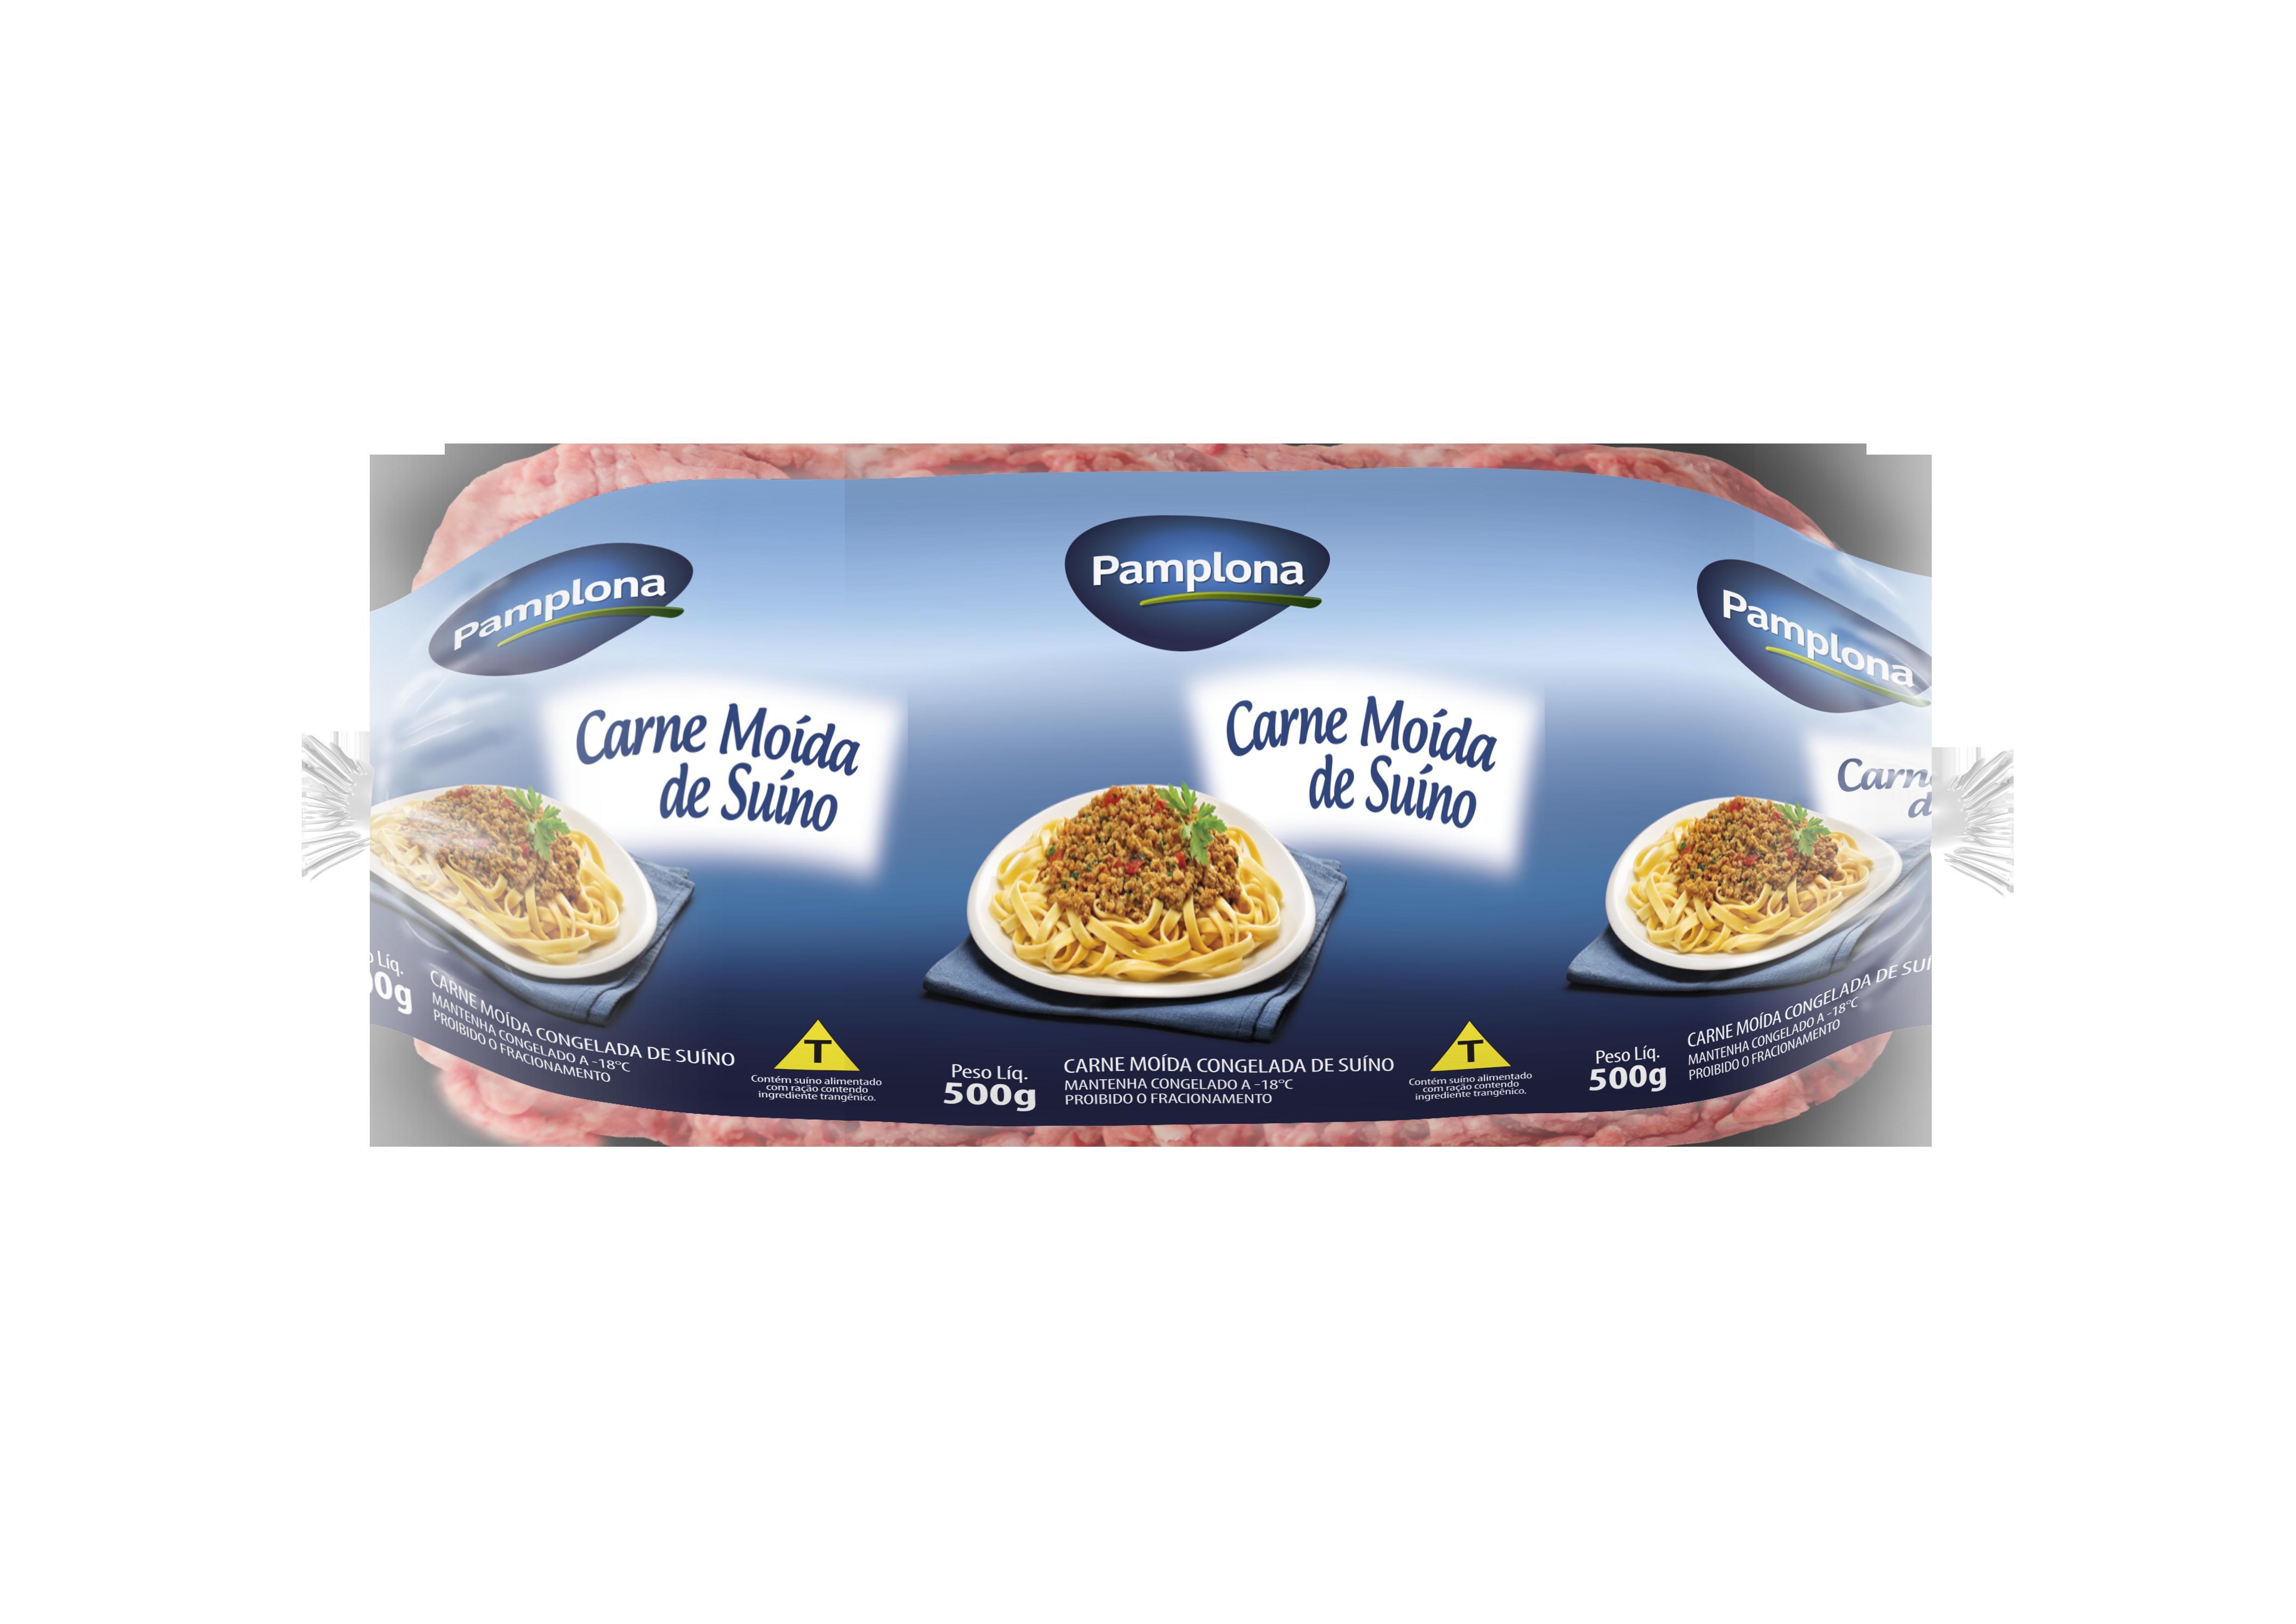 Embalagem da Carne Moída de Suíno da Pamplona Alimentos